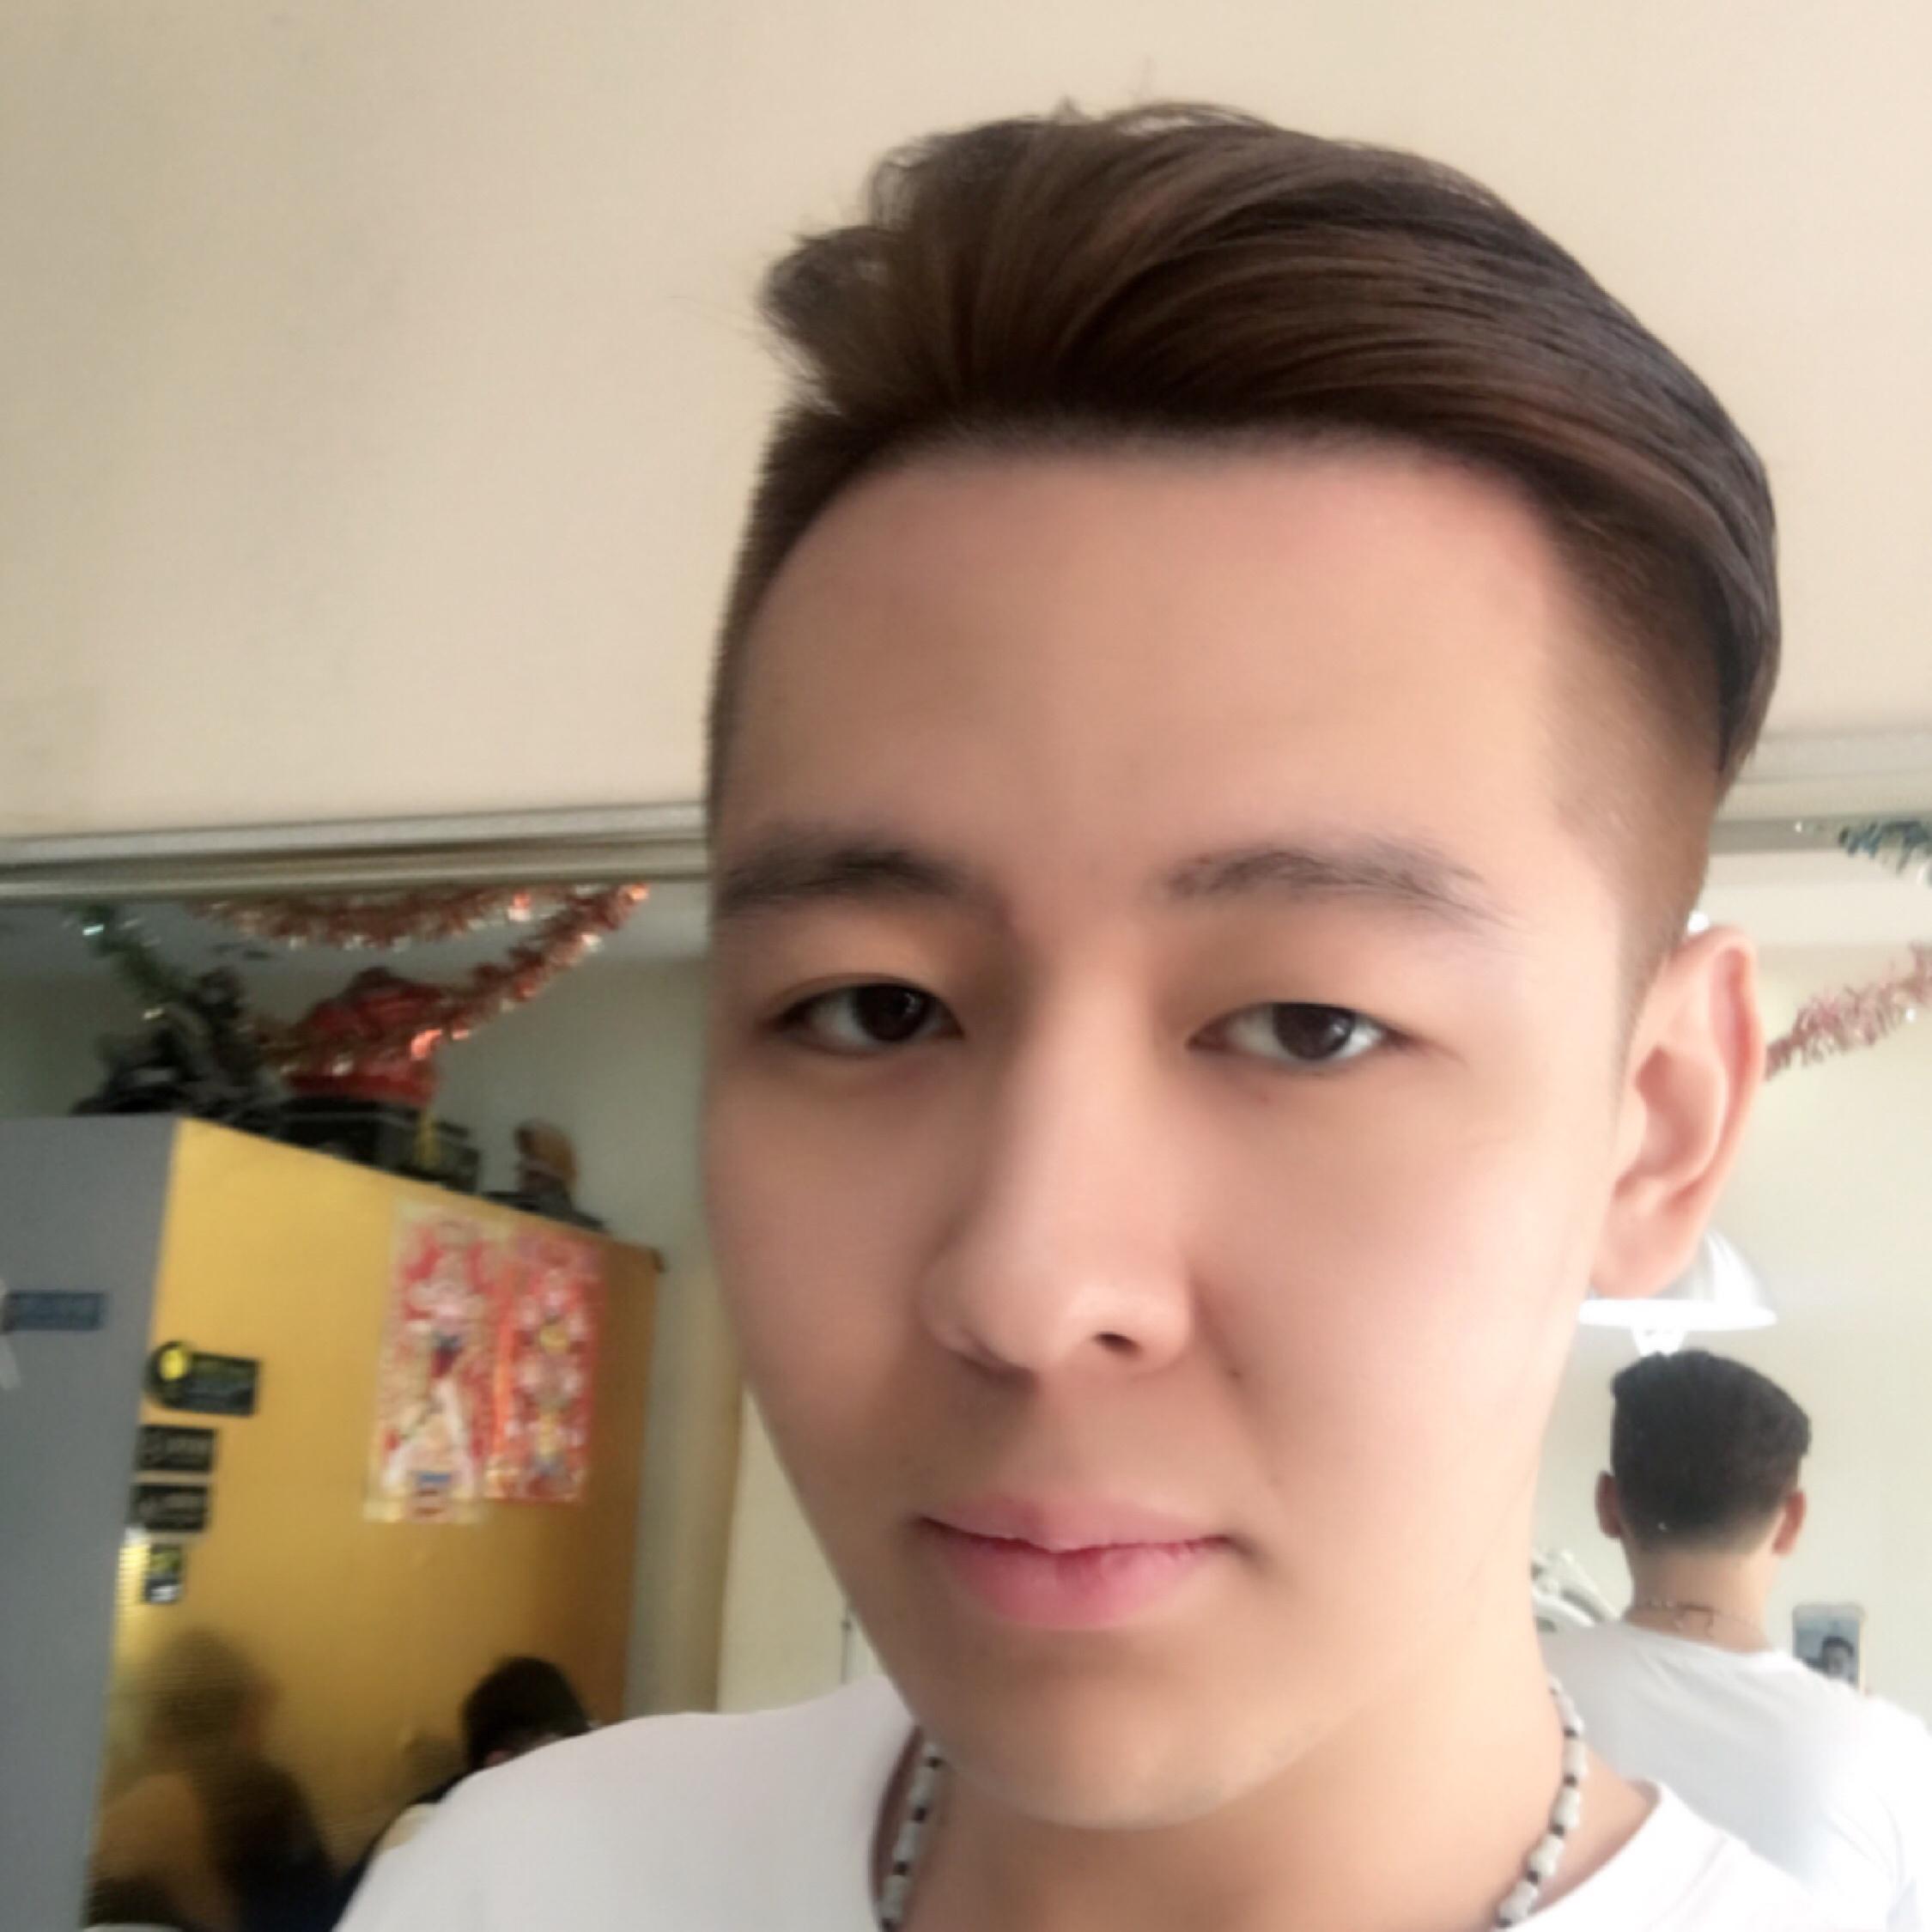 Mrzhang